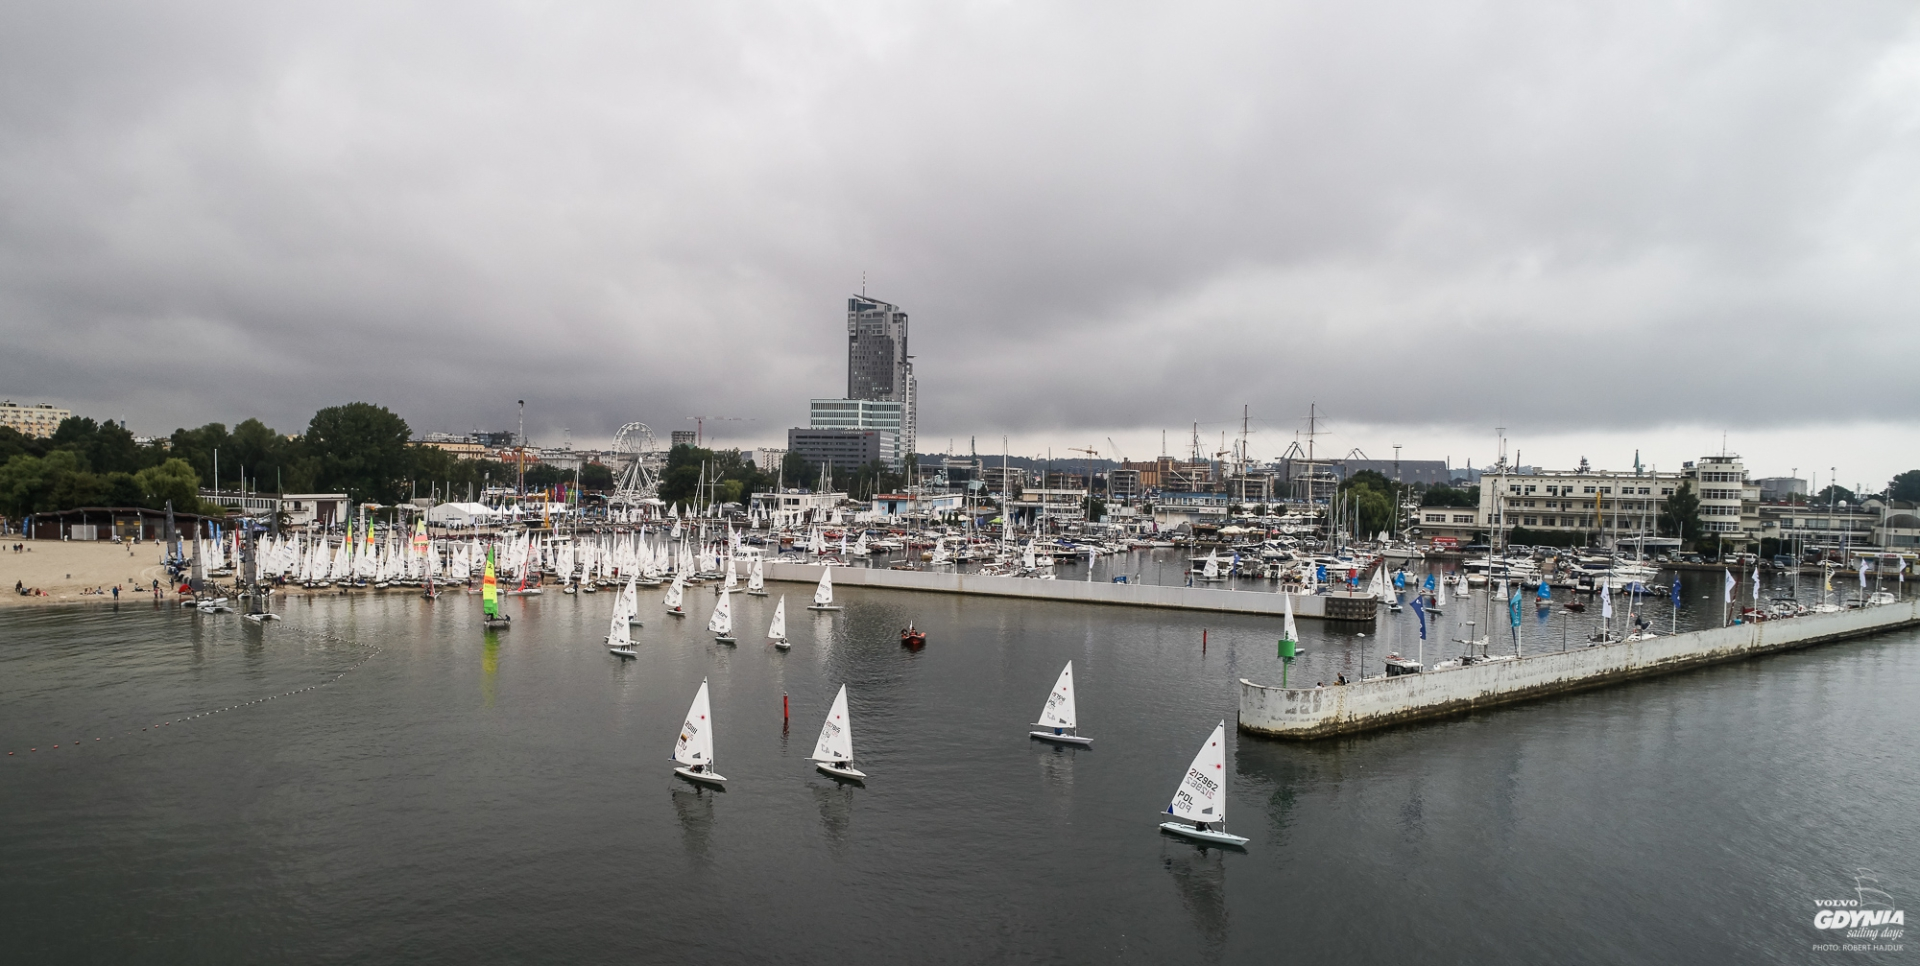 VGSD_2019_Gdynia_dron.jpg